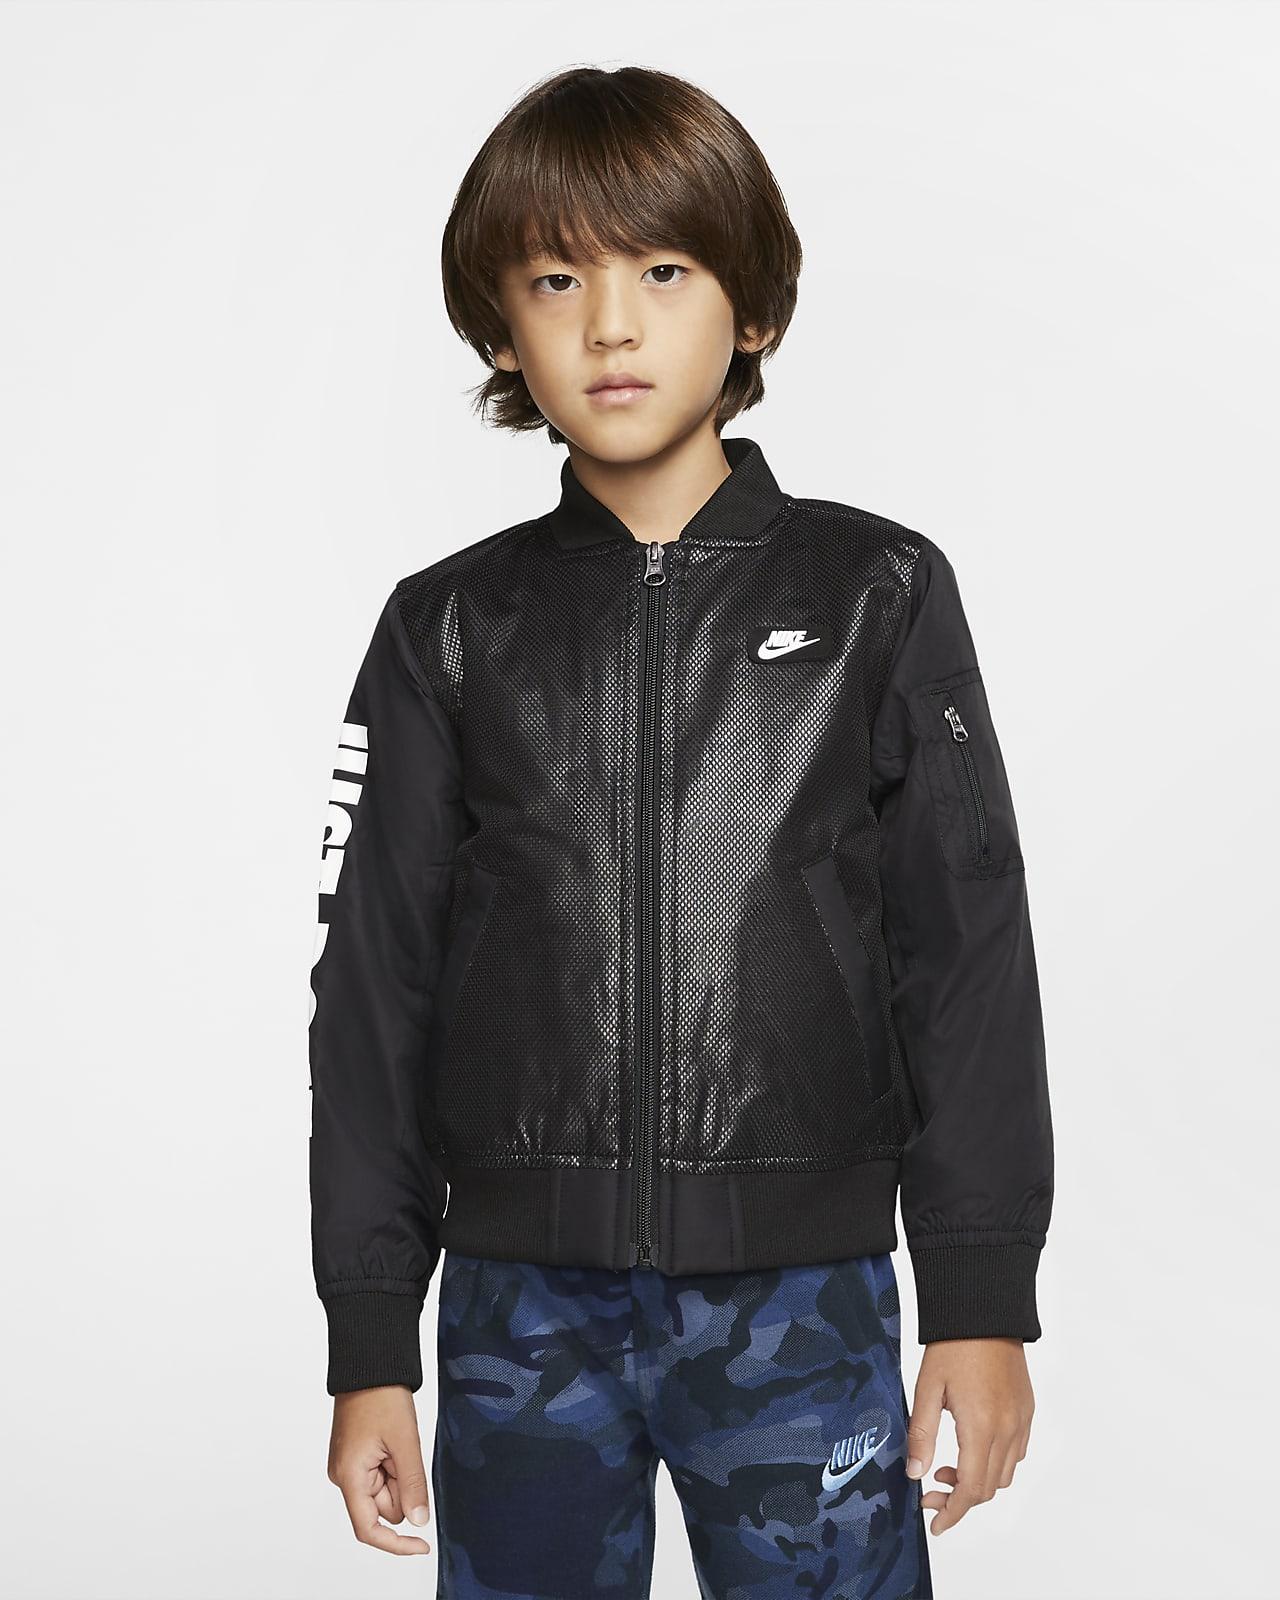 Nike Little Kids' Bomber Jacket